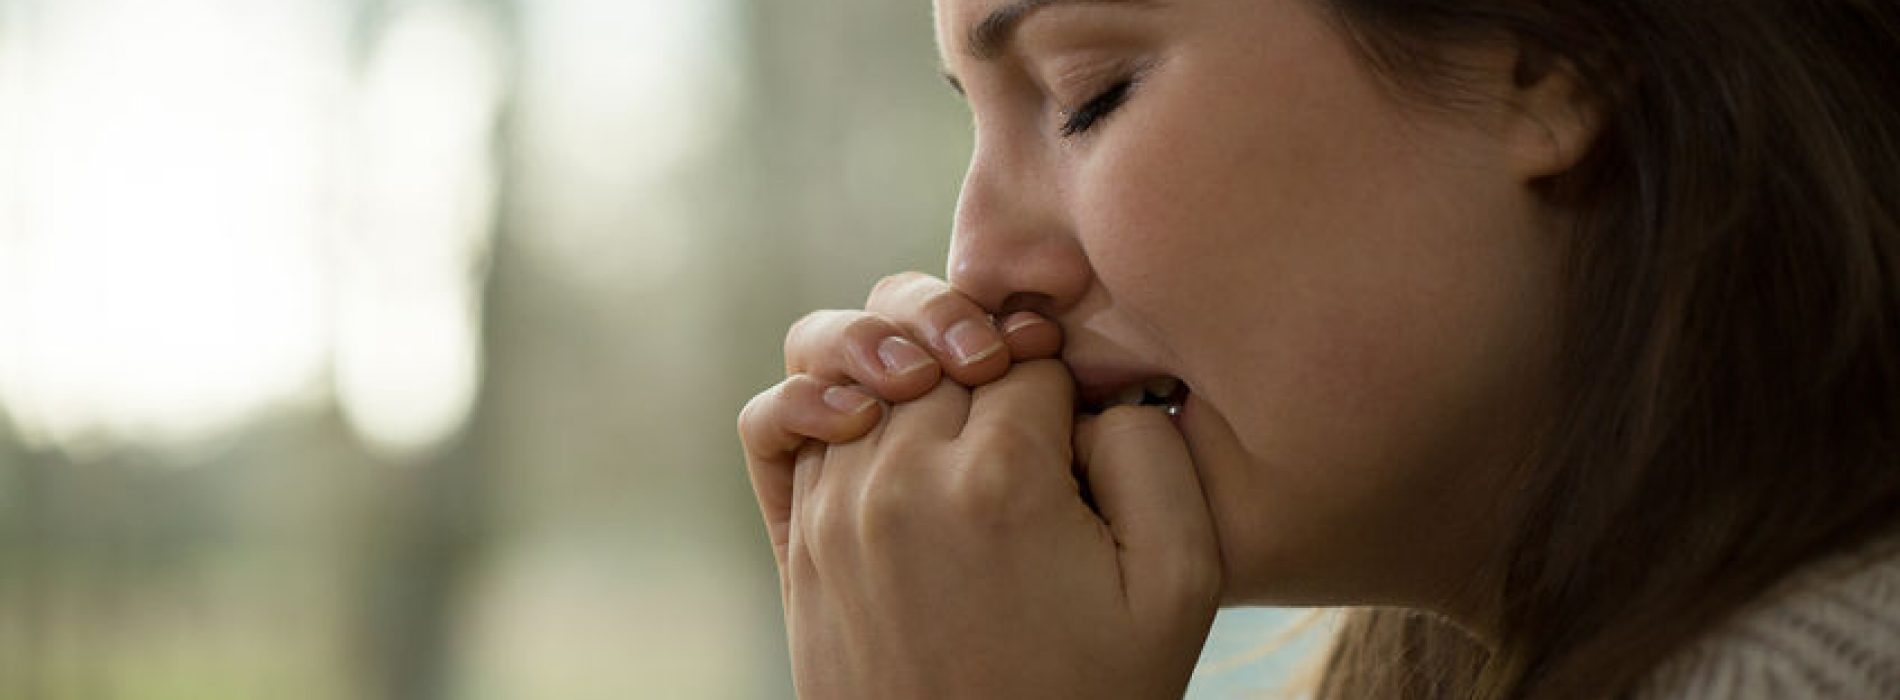 Depresja jako problem zdrowotny